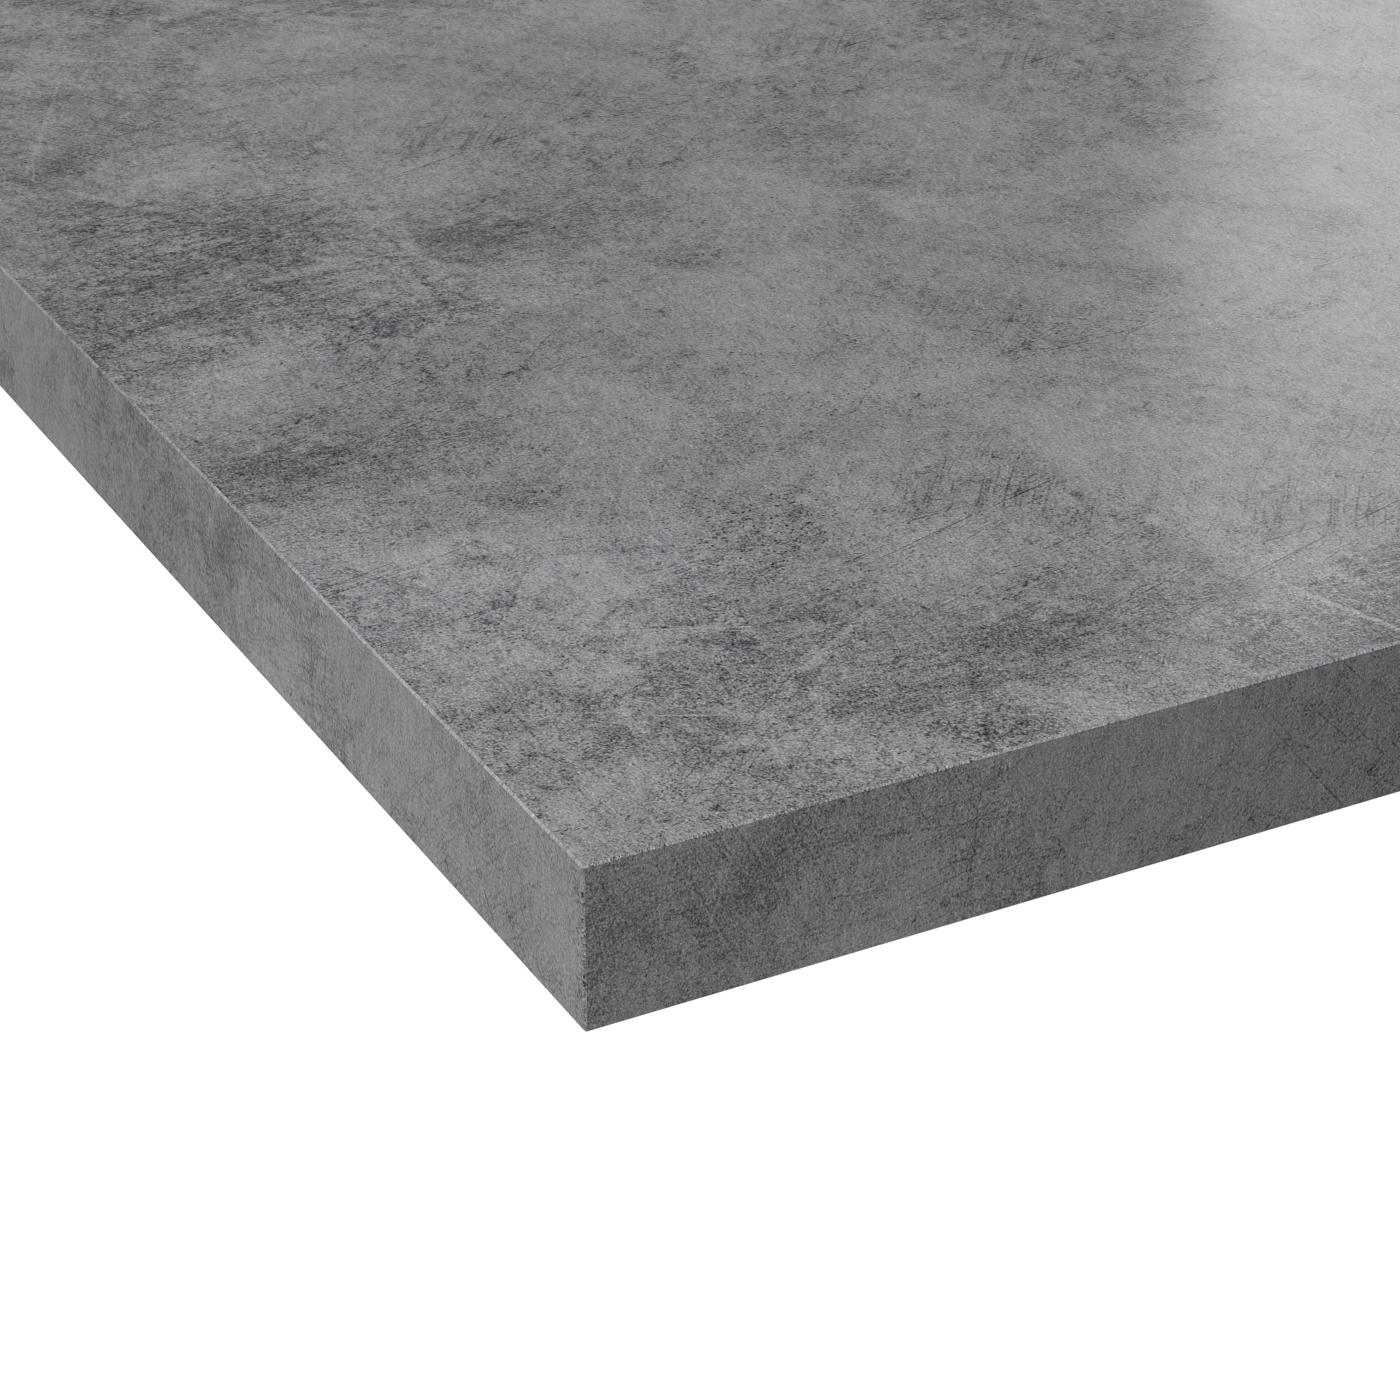 Micro Rayure Plan De Travail Stratifié plan de travail cuisine n°508 décor béton gris clair stratifié, chant  coordonné, l204 x l62 x 3.8cm, planeko